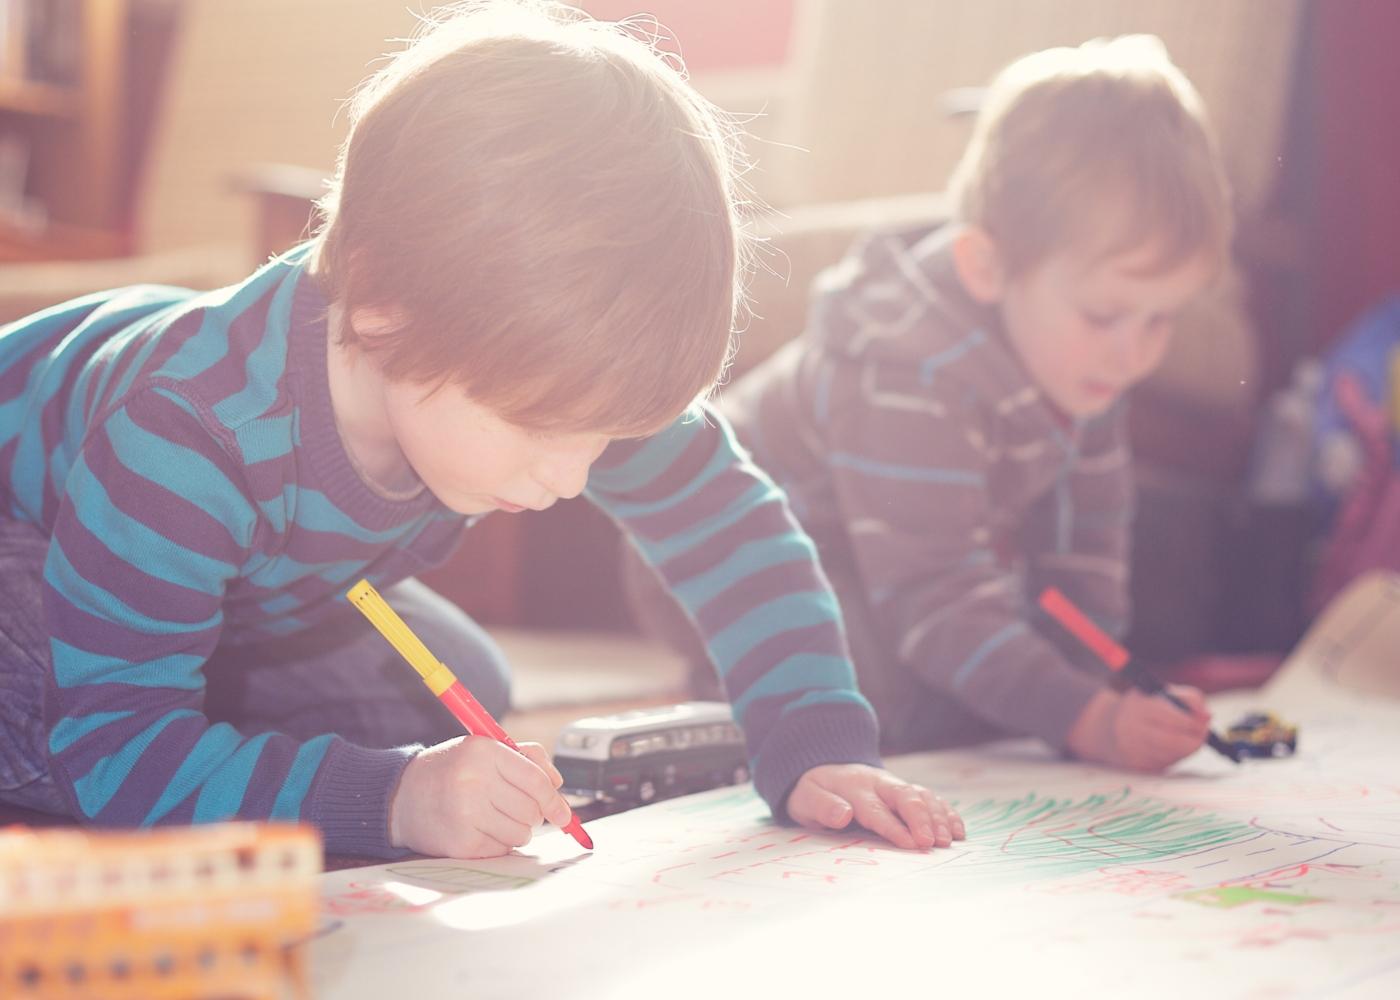 como lidar e entreter as crianças em casa: crianças a desenhar